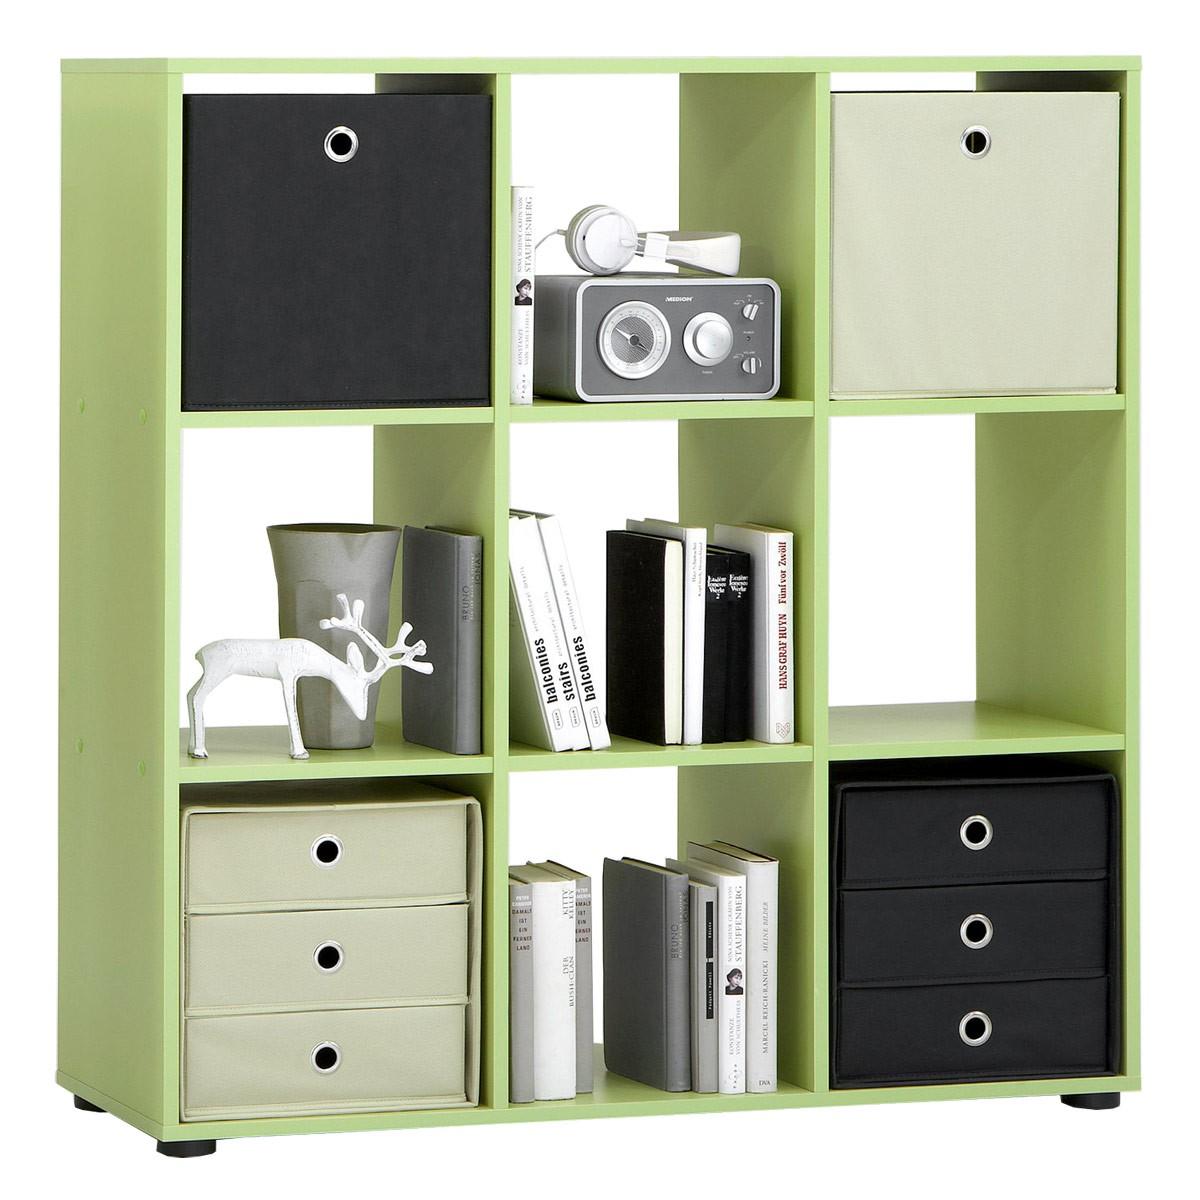 raumteiler regal eiche sagerau m bel ideen innenarchitektur. Black Bedroom Furniture Sets. Home Design Ideas